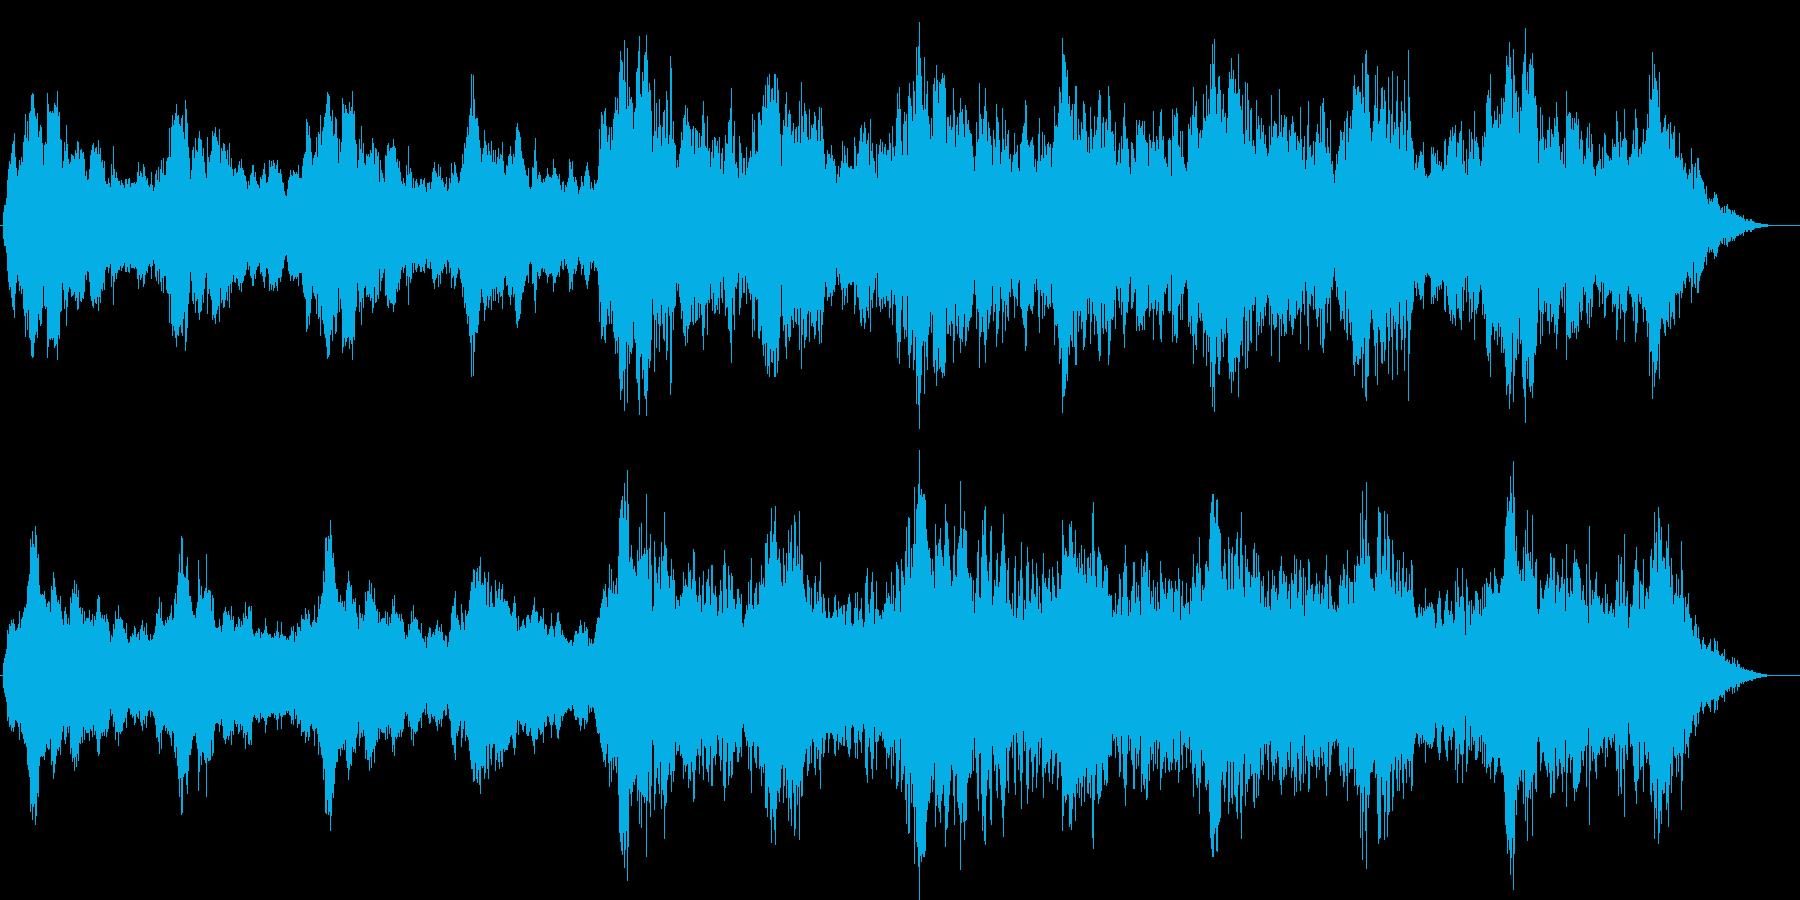 幻想的な情景のヒーリングミュージックの再生済みの波形